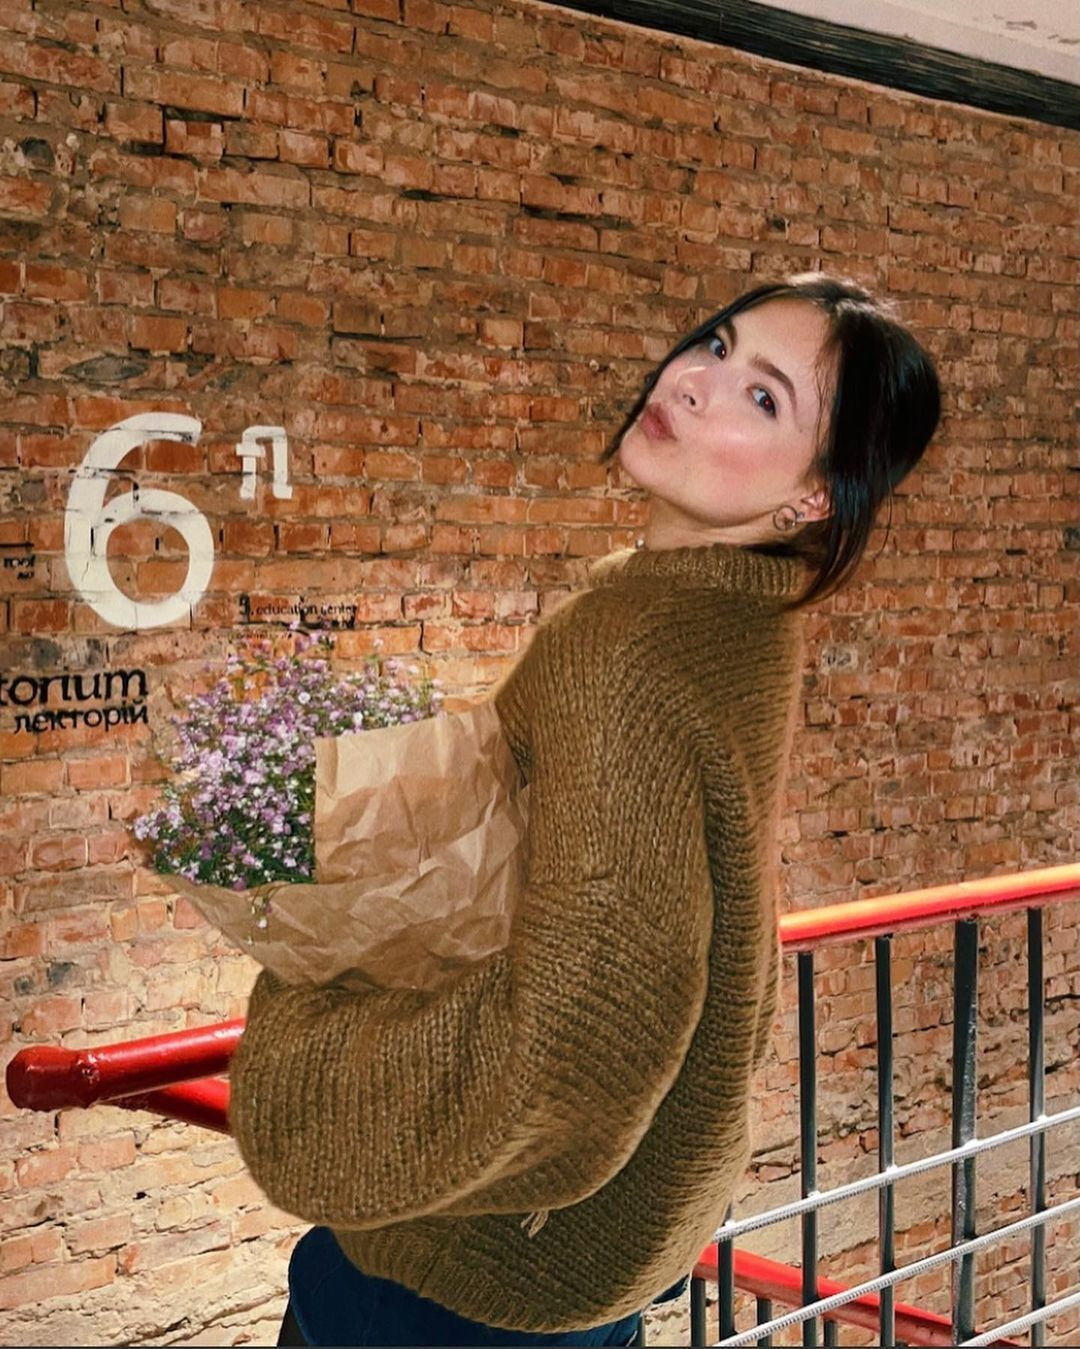 24 февраля Маша отметила свое 18-летие